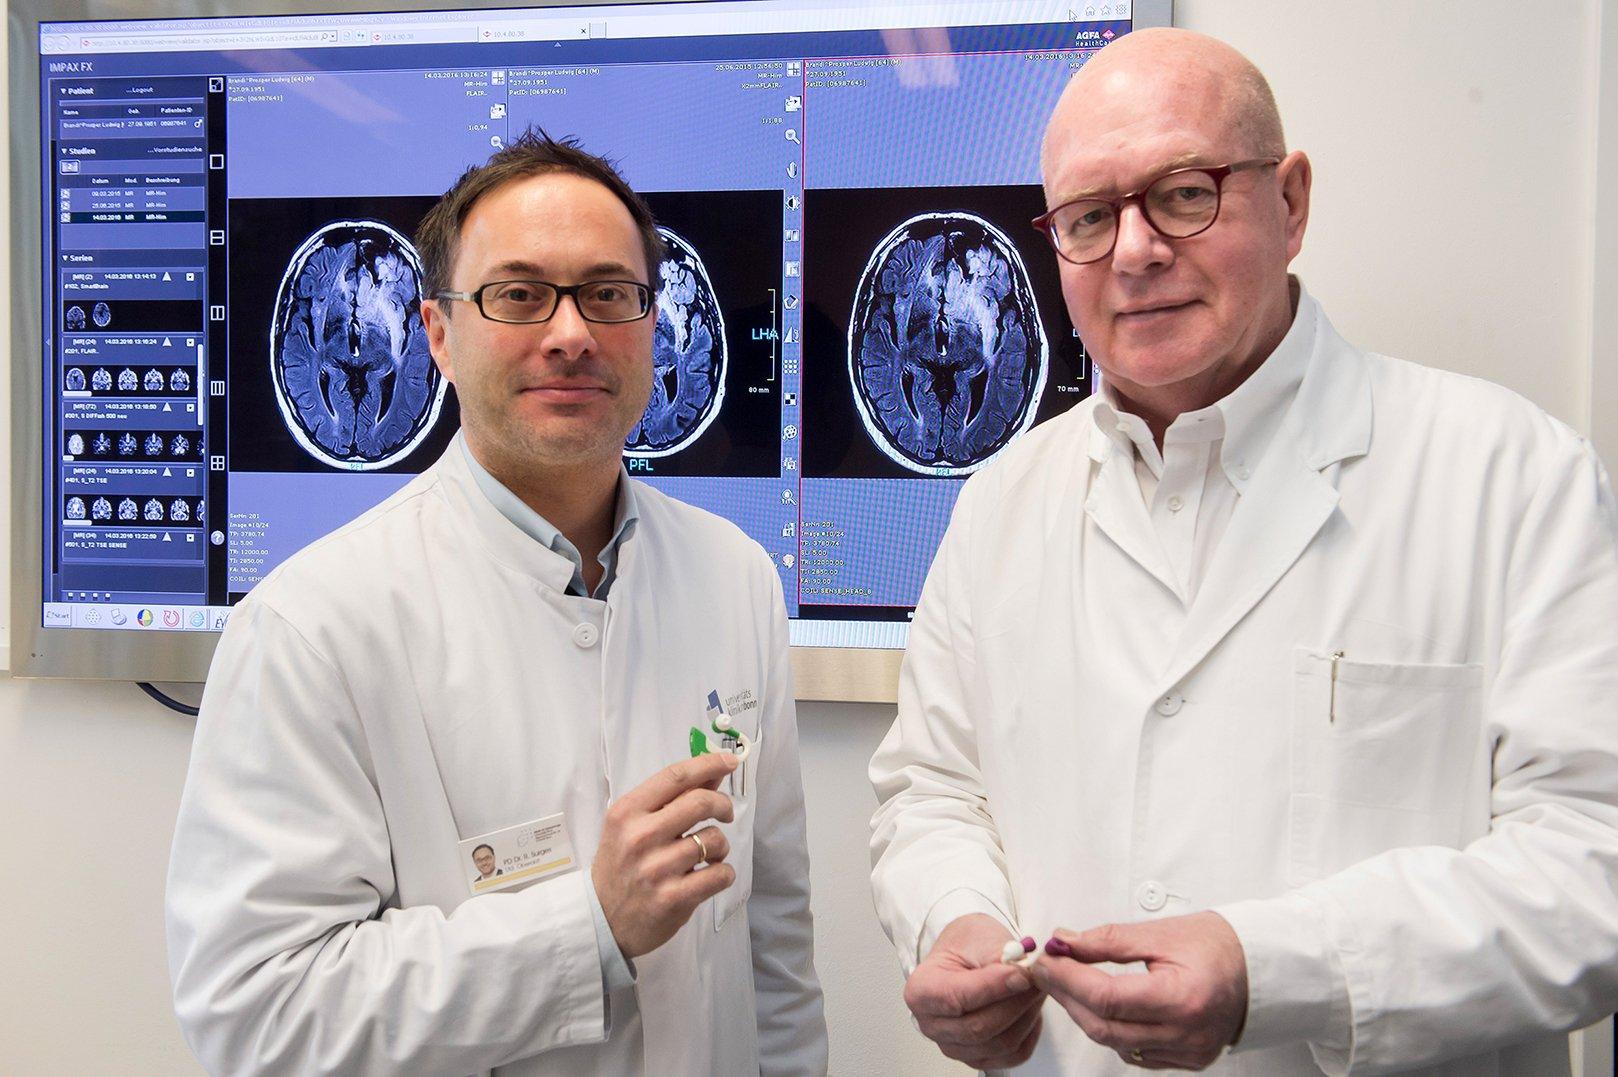 Telemedizin für Epilepsiepatienten: Prof. Dr. Christian Elger (re.) und Privatdozent Dr. Rainer Surges von der Klinik für Epileptologie des Universitätsklinikums Bonn mit dem Minisensor.